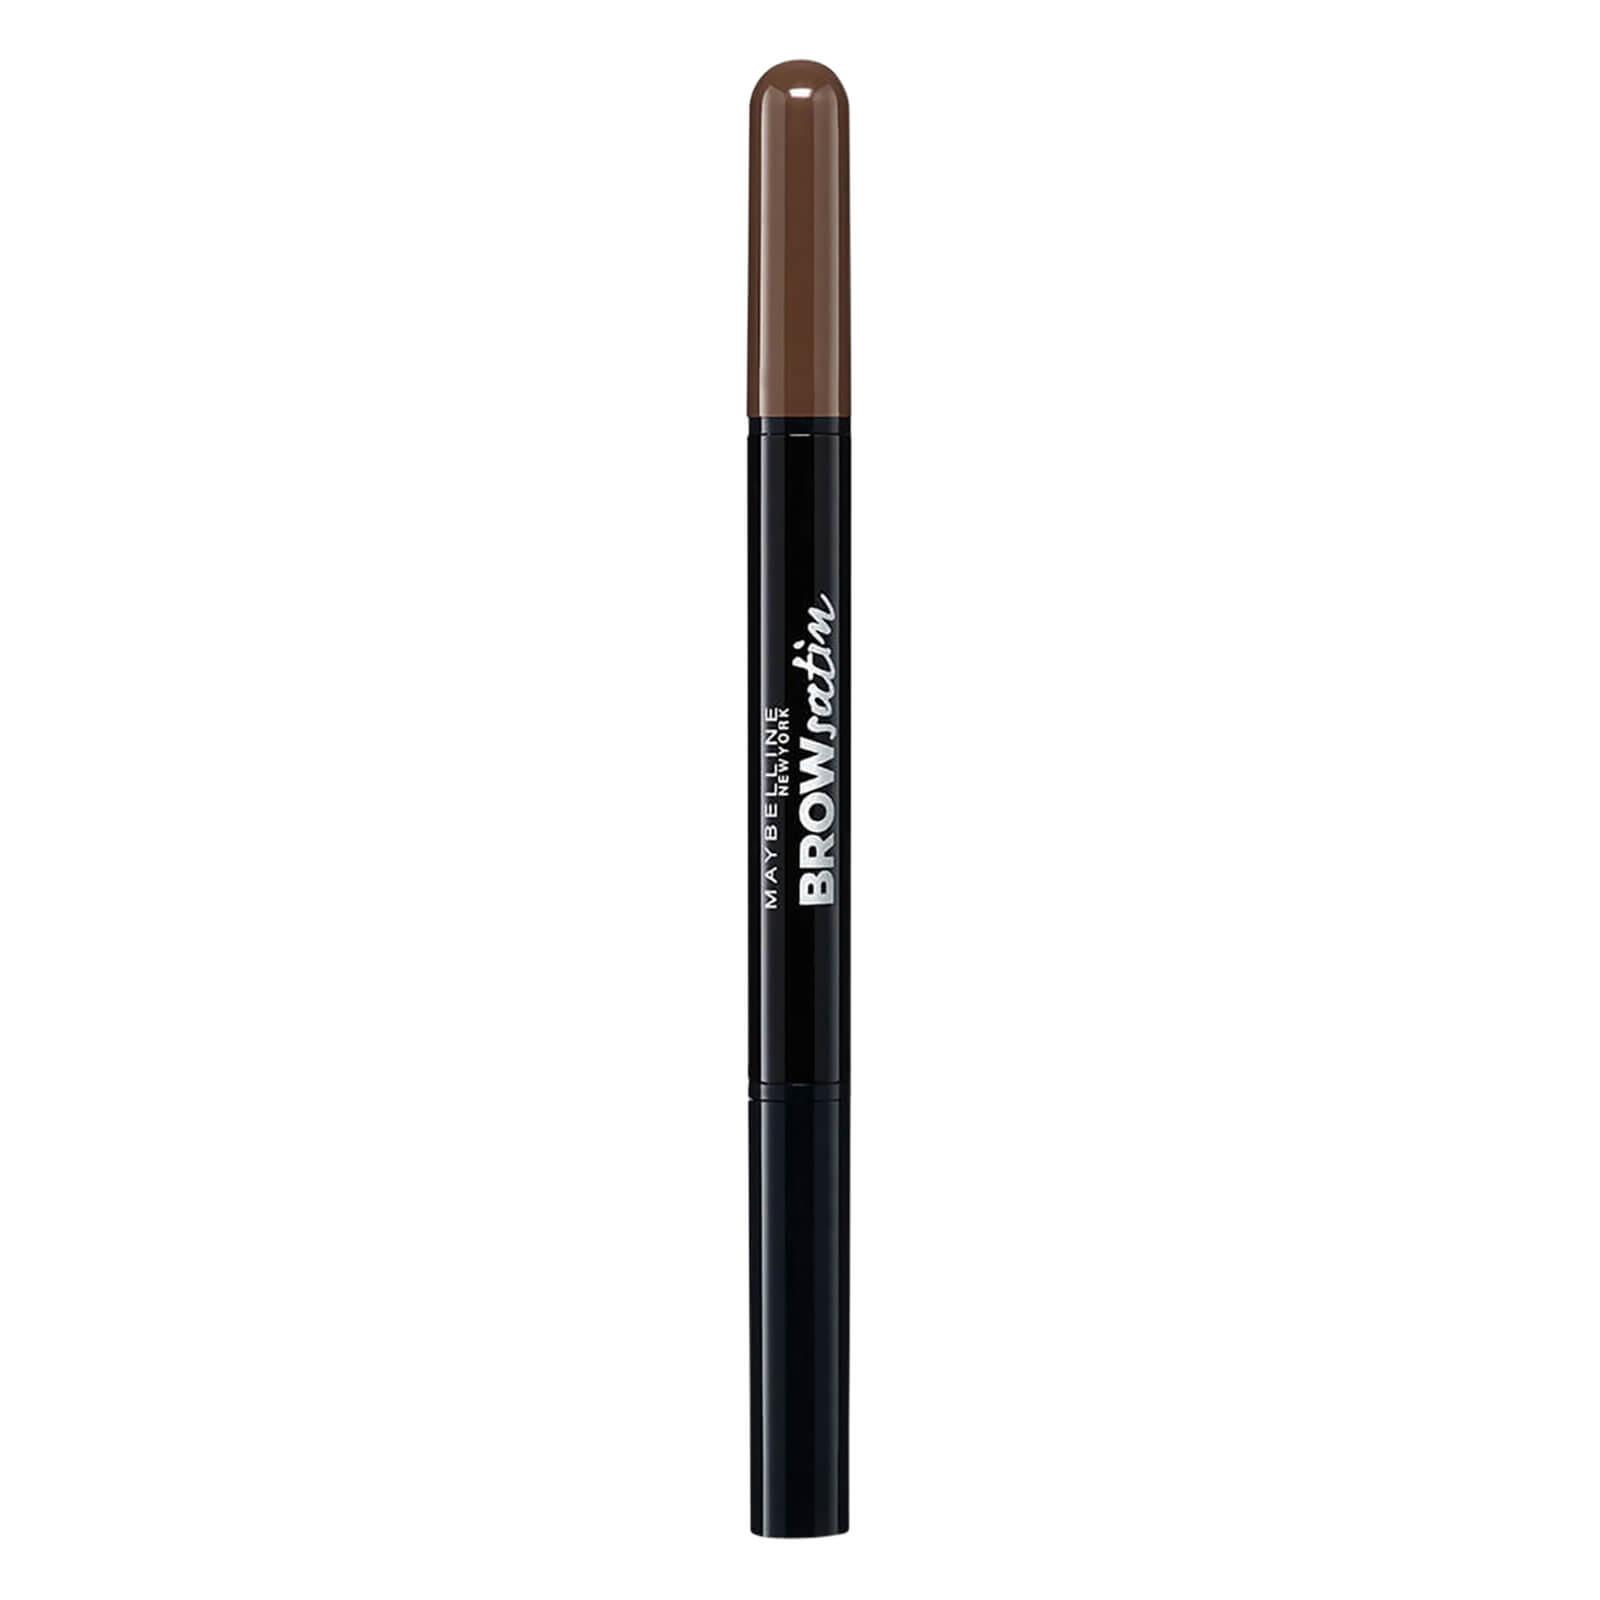 Image of Maybelline Brow Satin matita per sopracciglia (varie tonalità) - Dark Brown